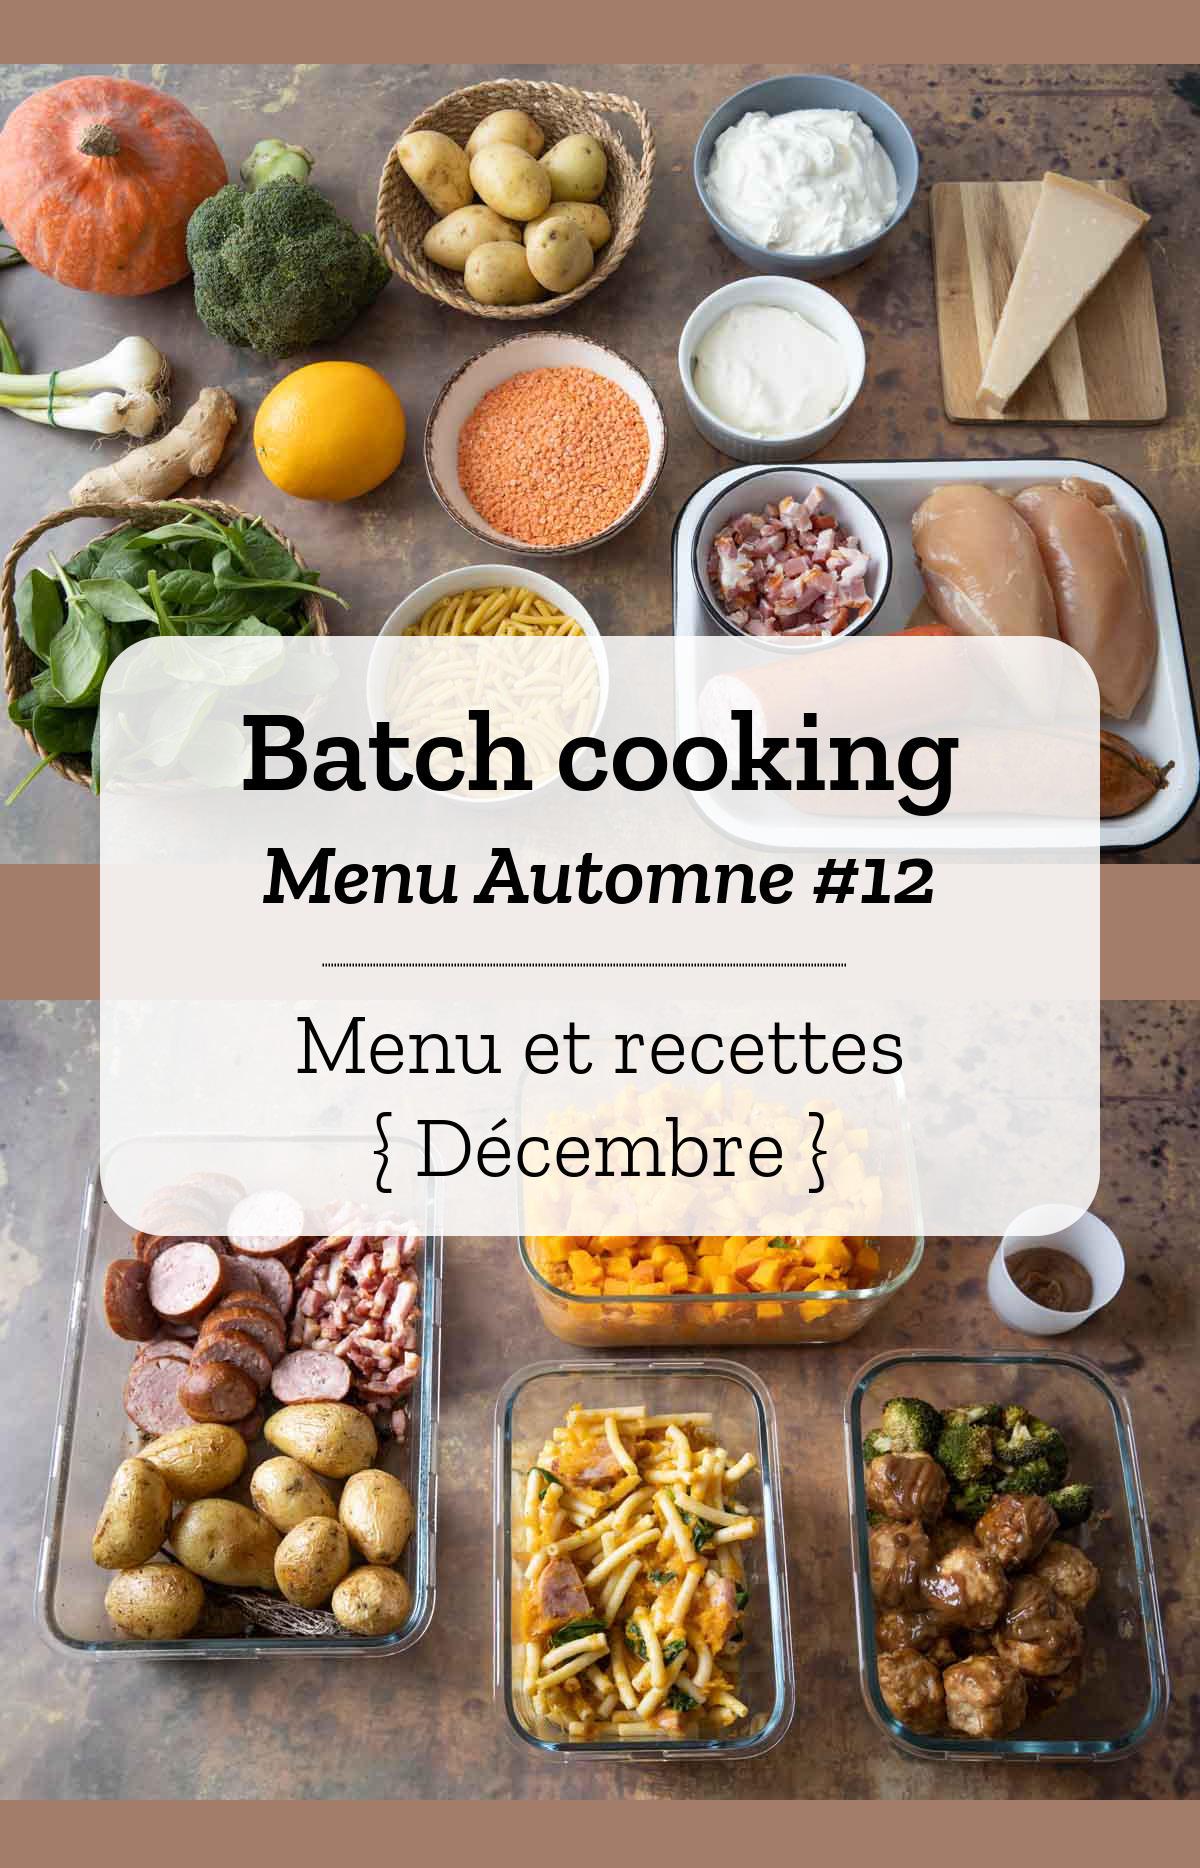 Batch cooking Automne #12 – Mois de Décembre – Semaine 50